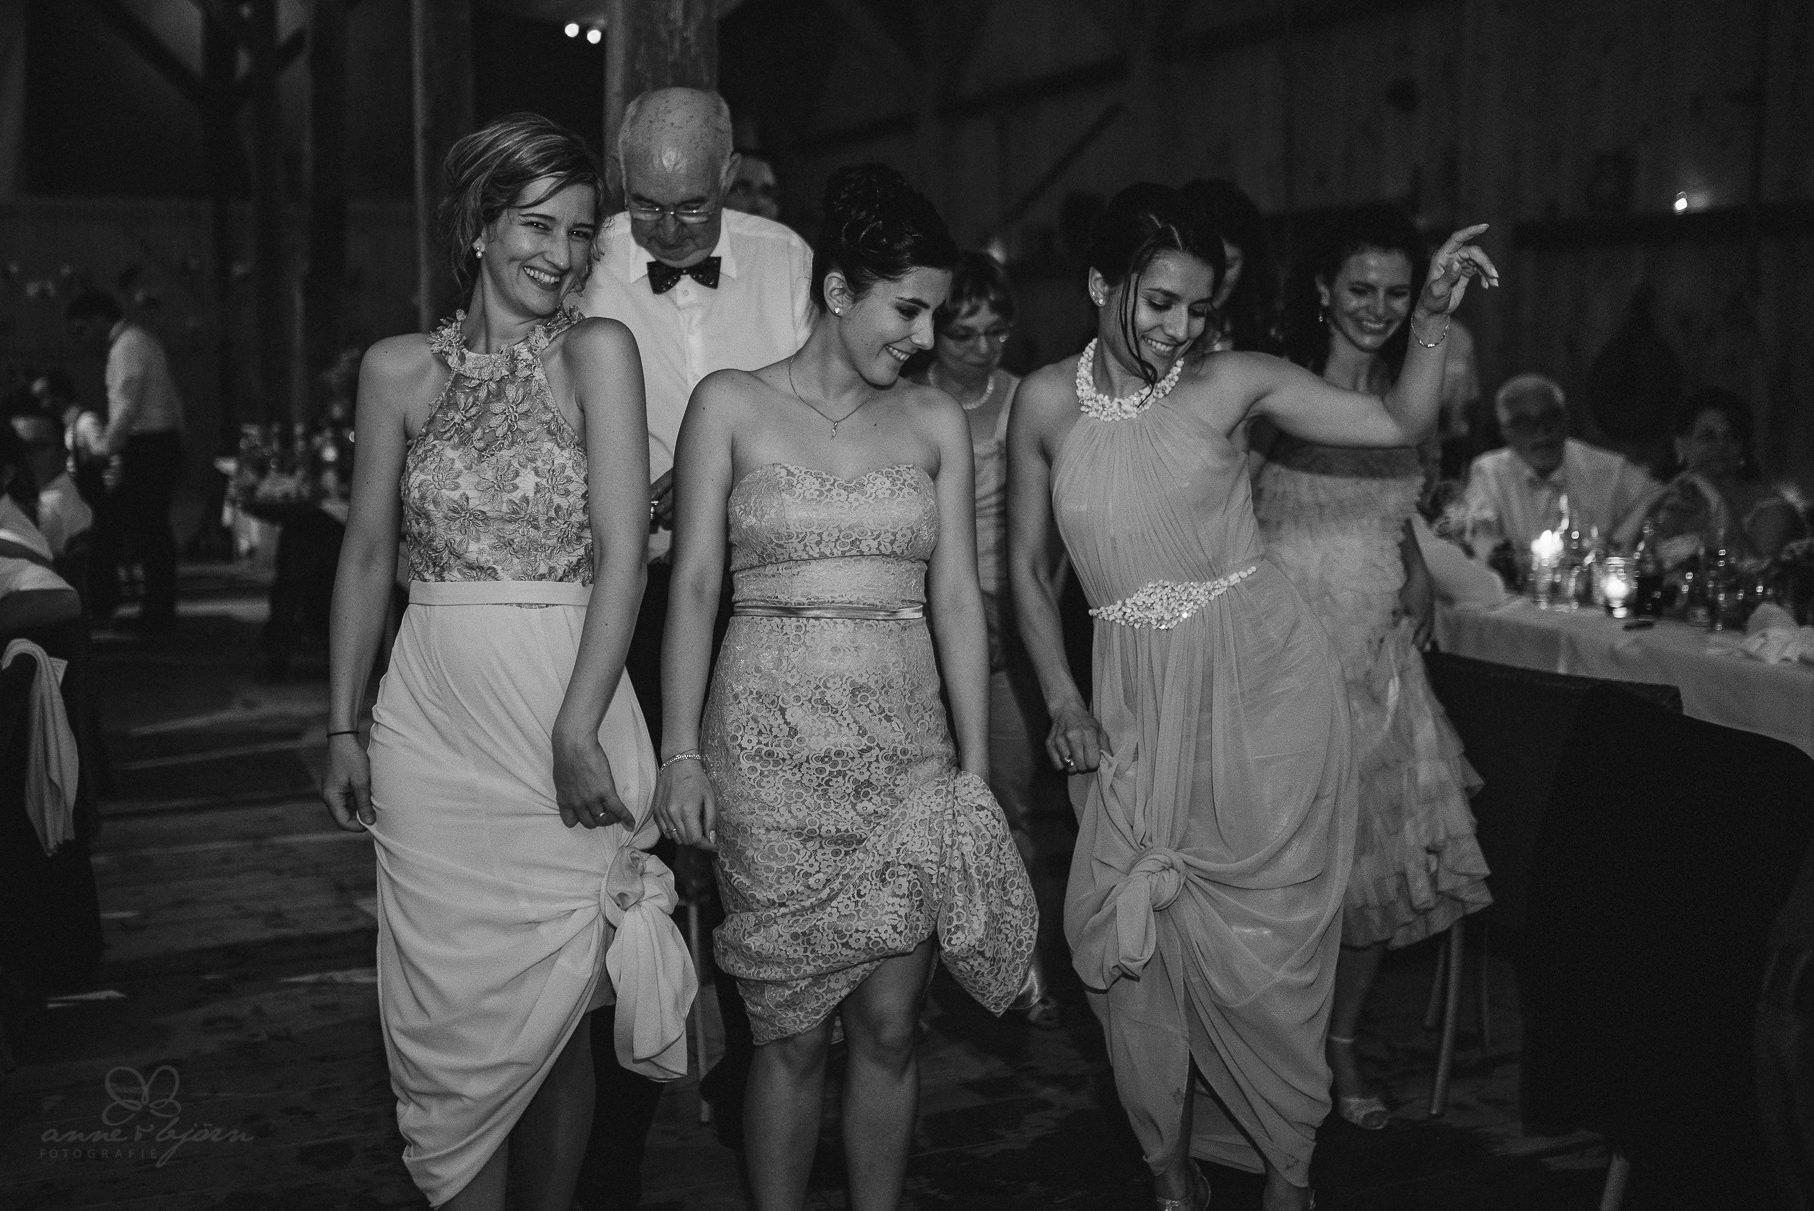 0144 anne und bjoern hochzeit schweiz d75 2461 - DIY Hochzeit in der Schweiz - Sabrina & Christoph